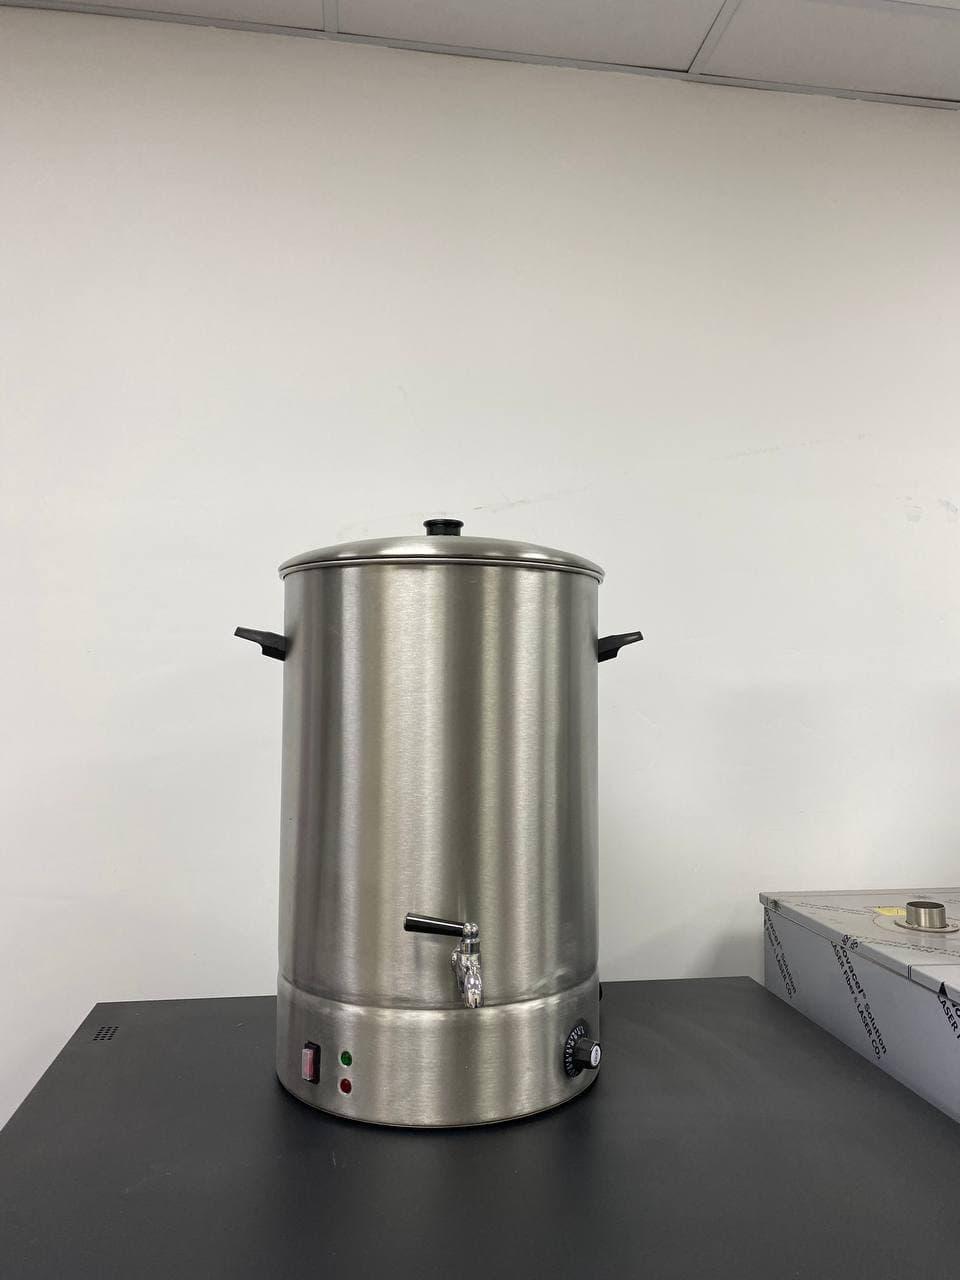 Чаераздатчик, Кипятильник 40 литров. Без Водомера